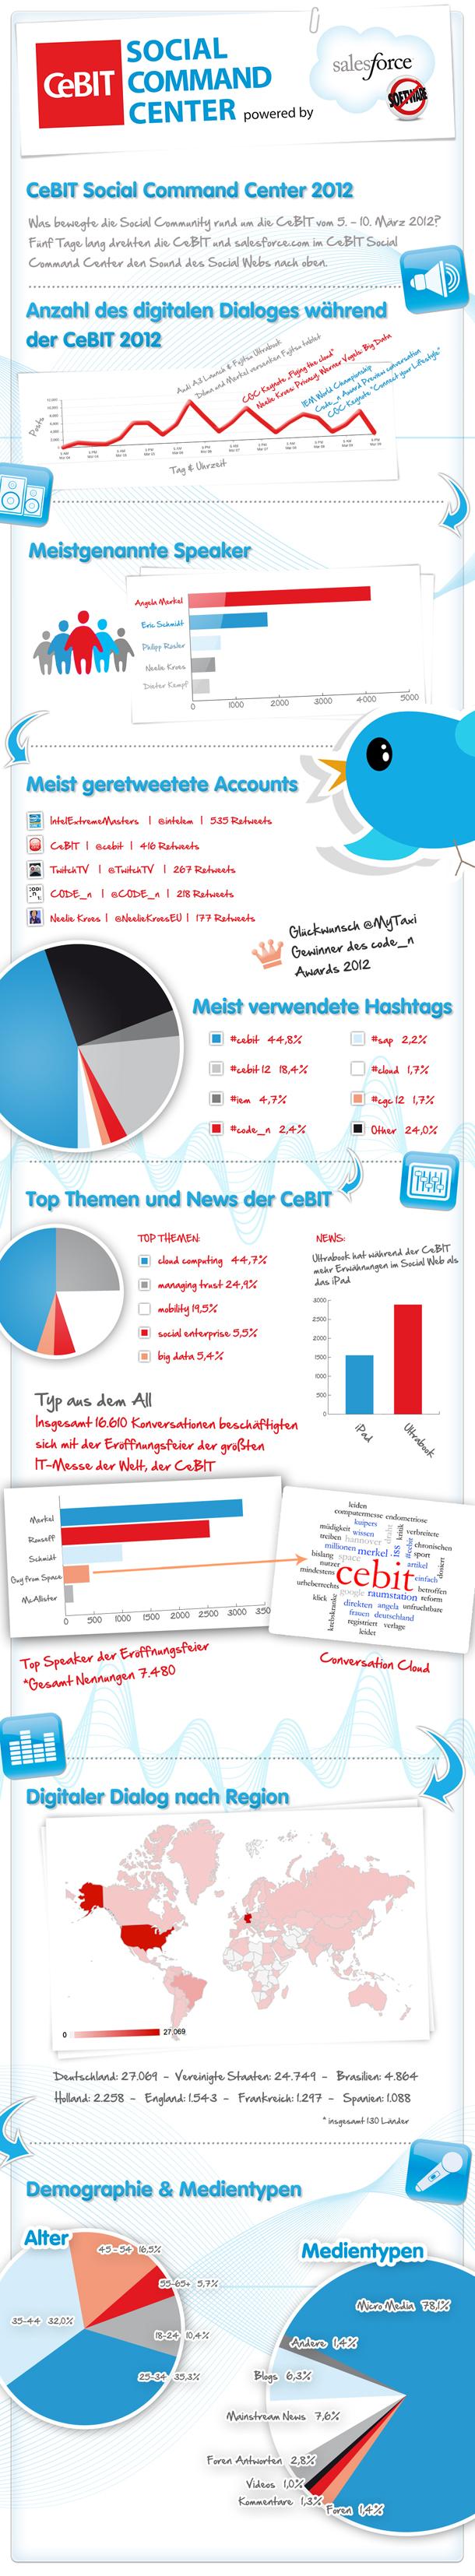 Social Media CeBIT Resümee als Infografik